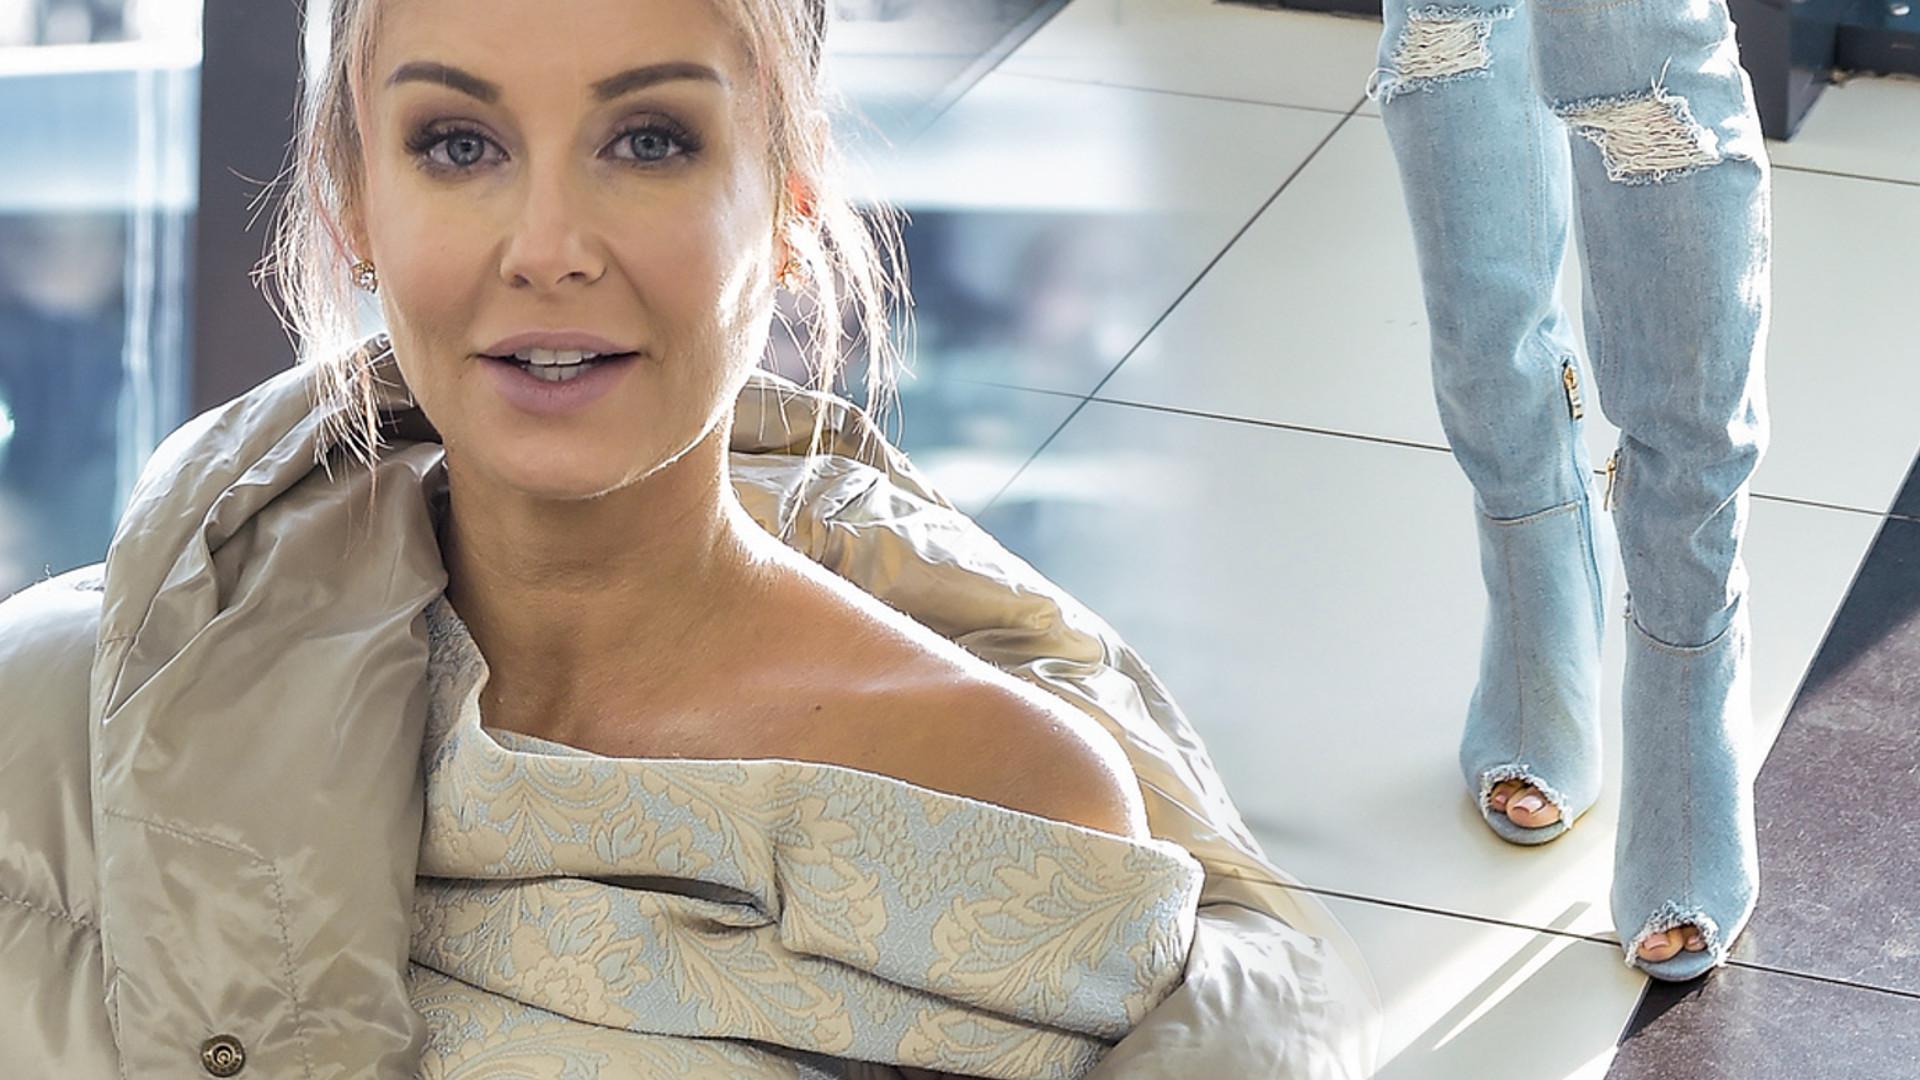 Małgorzata Rozenek z NOWĄ fryzurą na ramówce TVN-u (ZDJĘCIA)